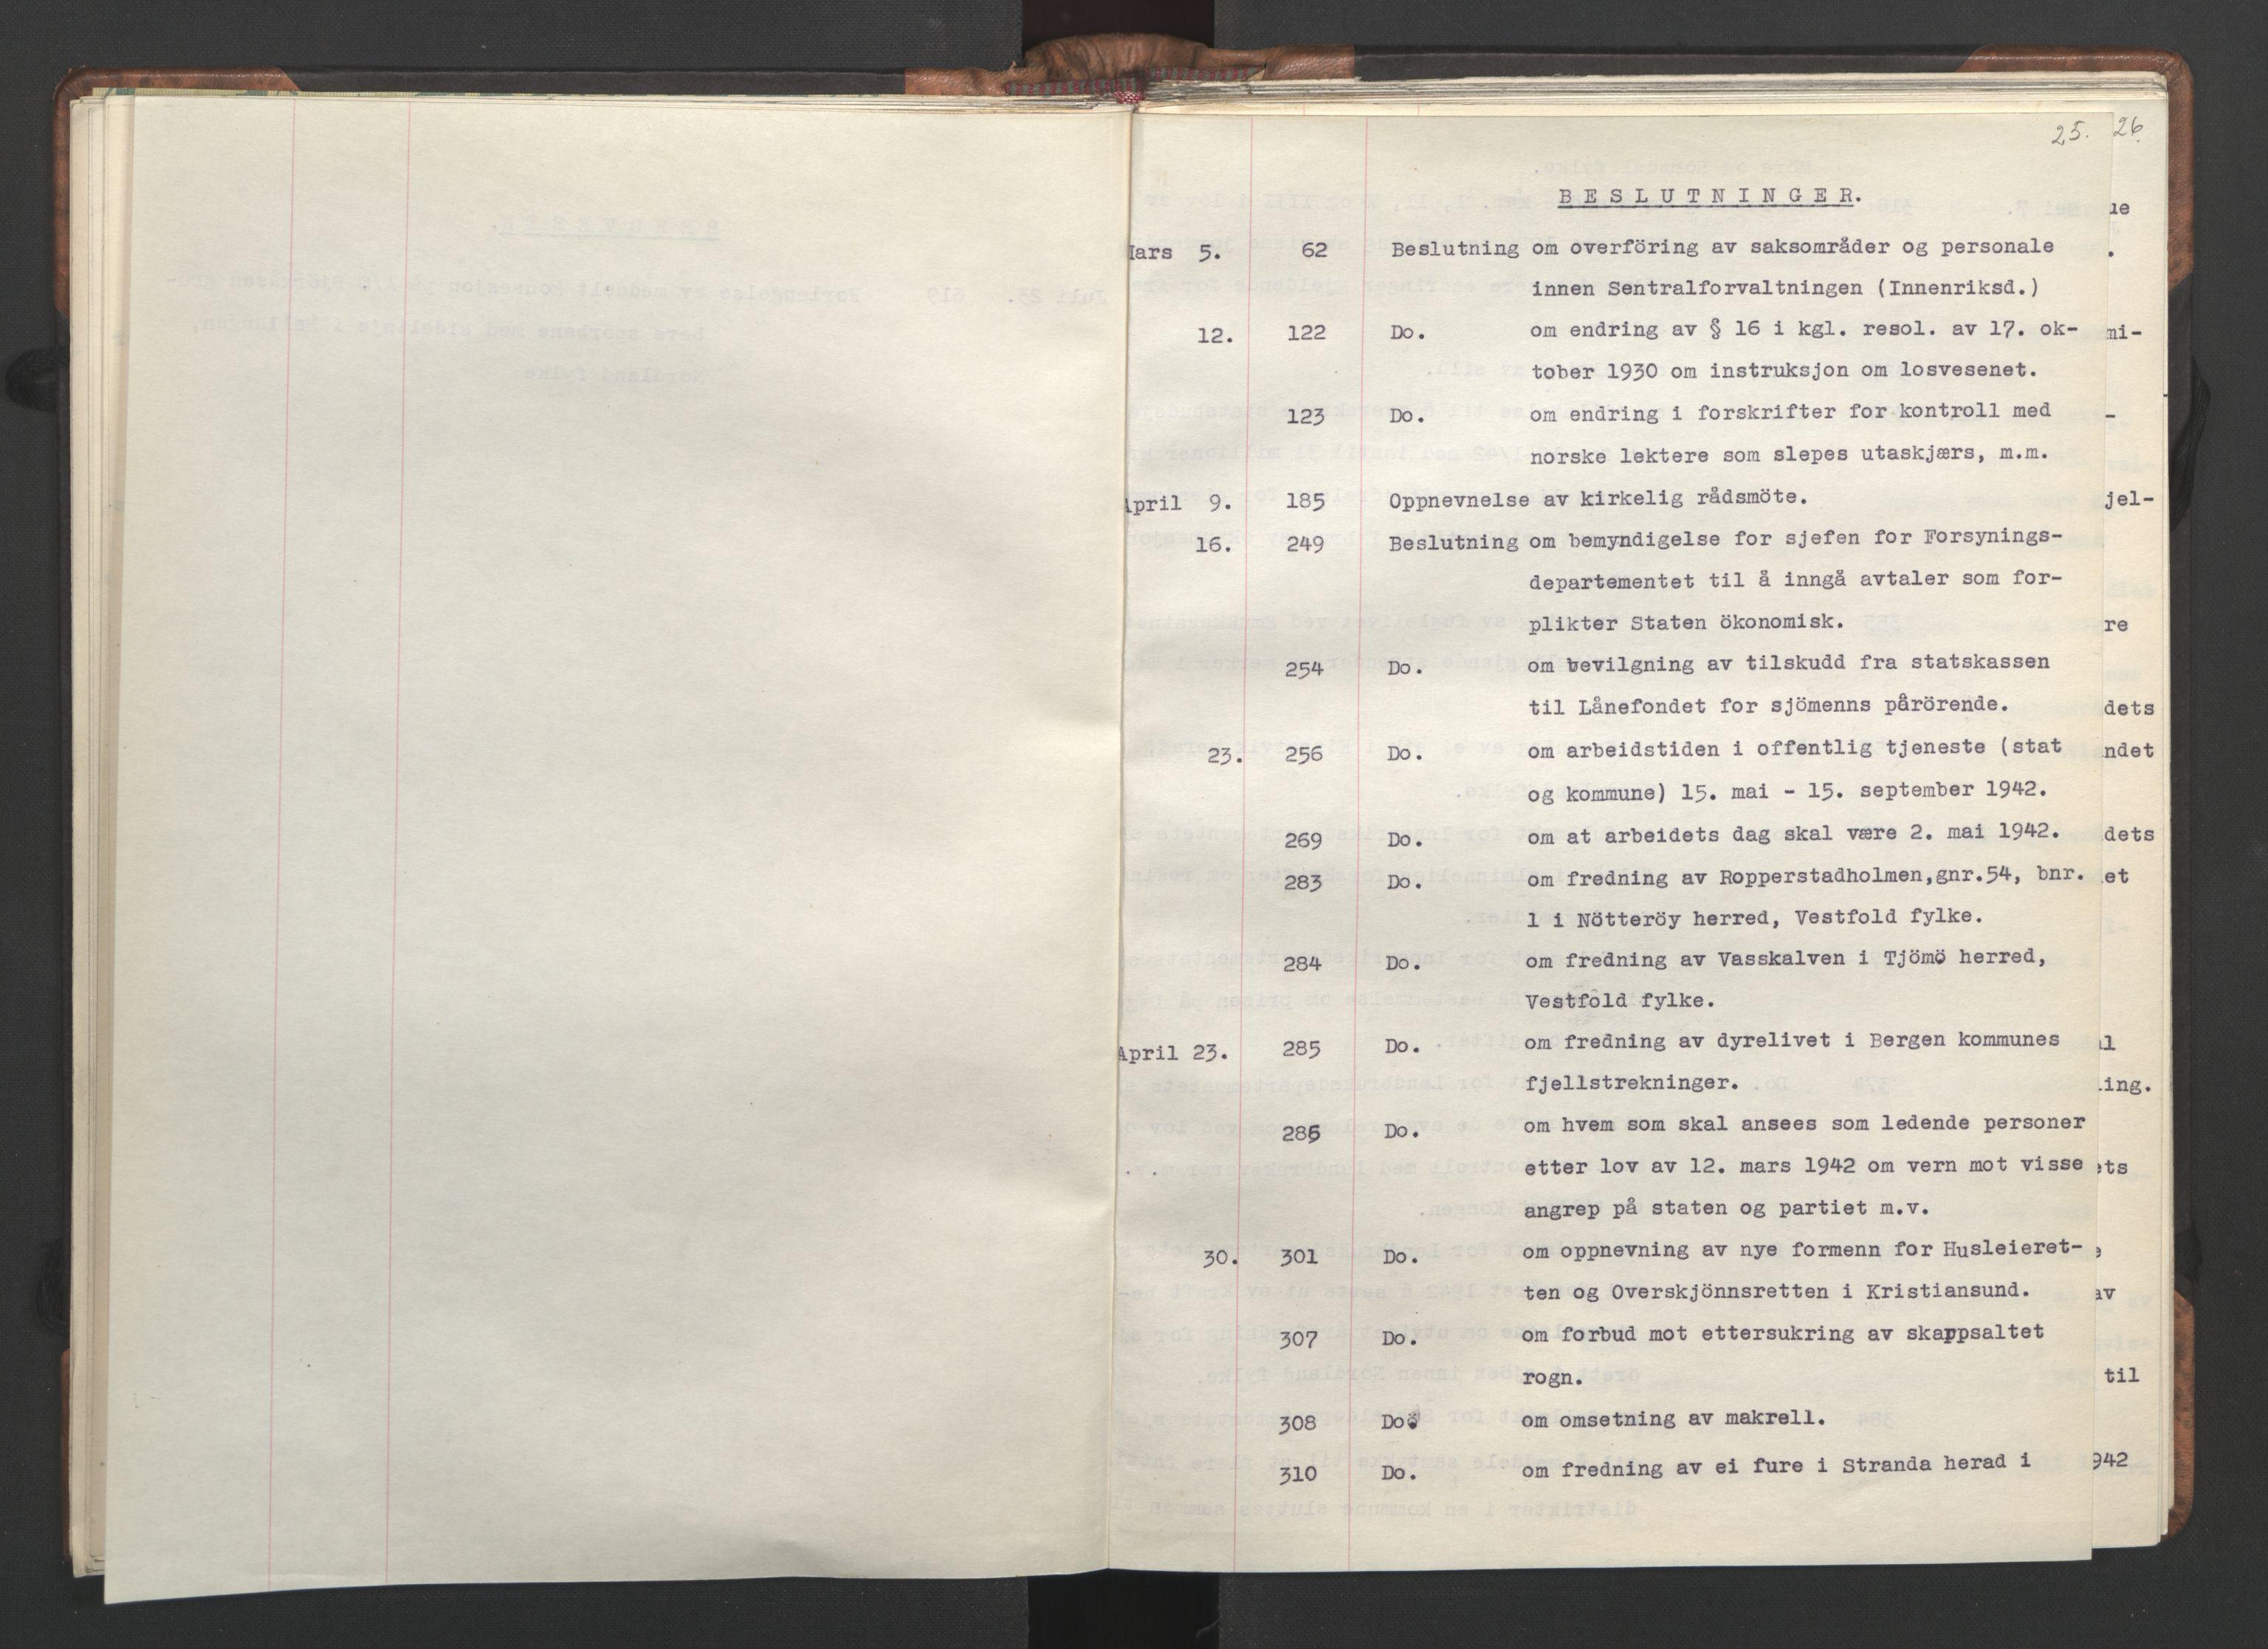 RA, NS-administrasjonen 1940-1945 (Statsrådsekretariatet, de kommisariske statsråder mm), D/Da/L0002: Register (RA j.nr. 985/1943, tilgangsnr. 17/1943), 1942, s. 24b-25a